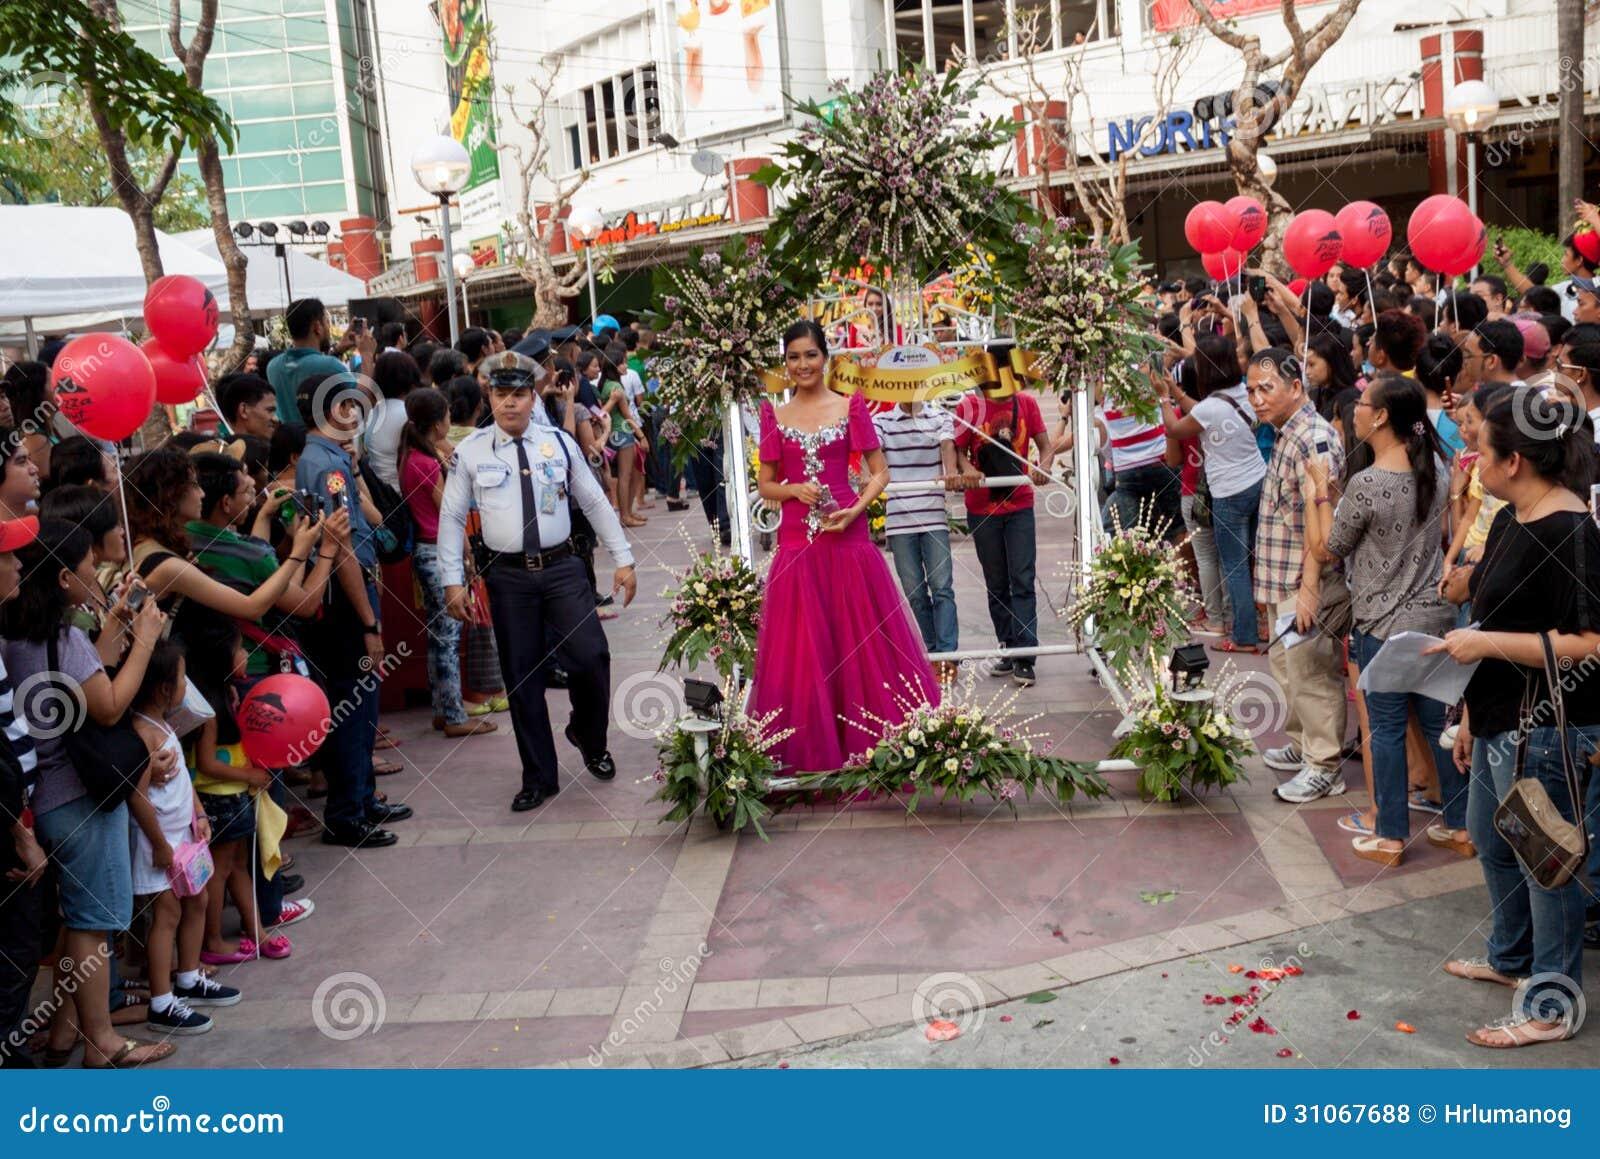 Misser Philippines, Binibining Pilipinas sluit zich aan bij Santacruzan in Manilla